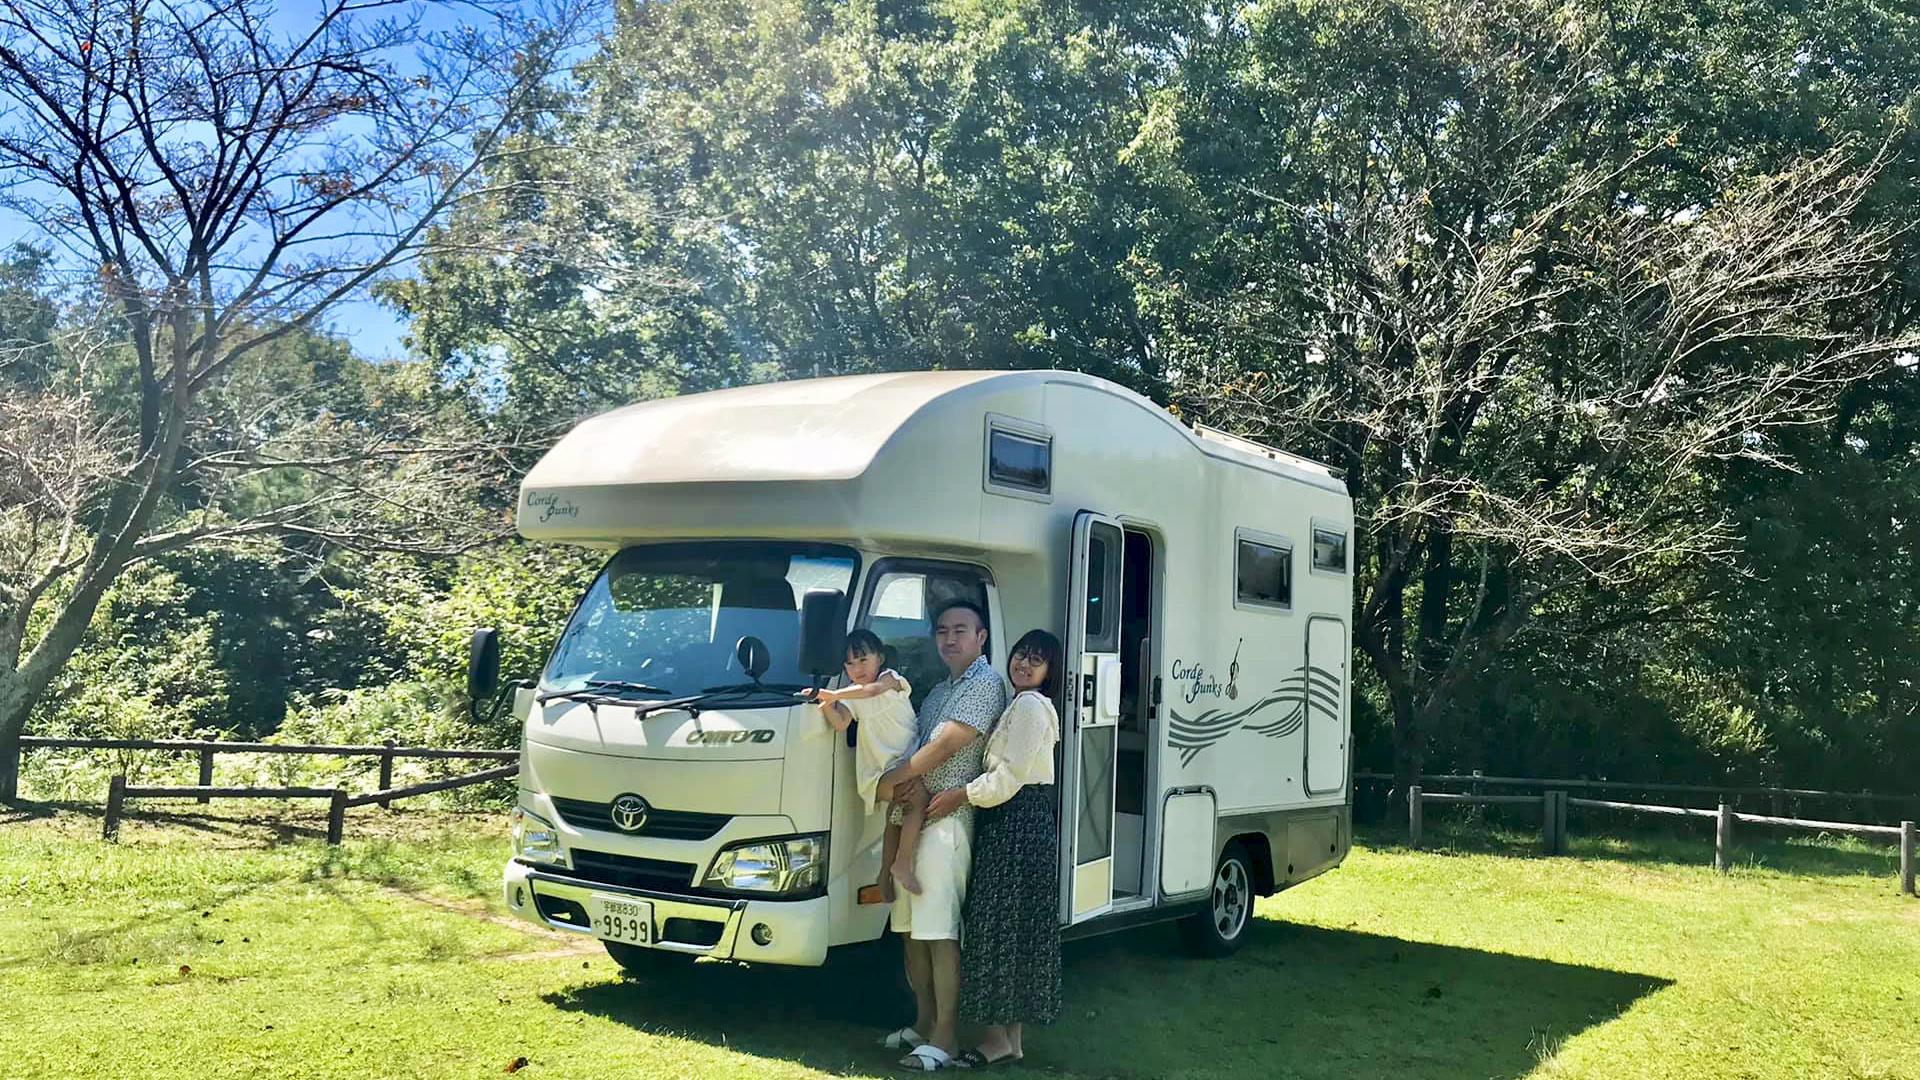 Cặp đôi chi 2 tỷ mua nhà di động, đưa con đi vòng quanh Nhật Bản